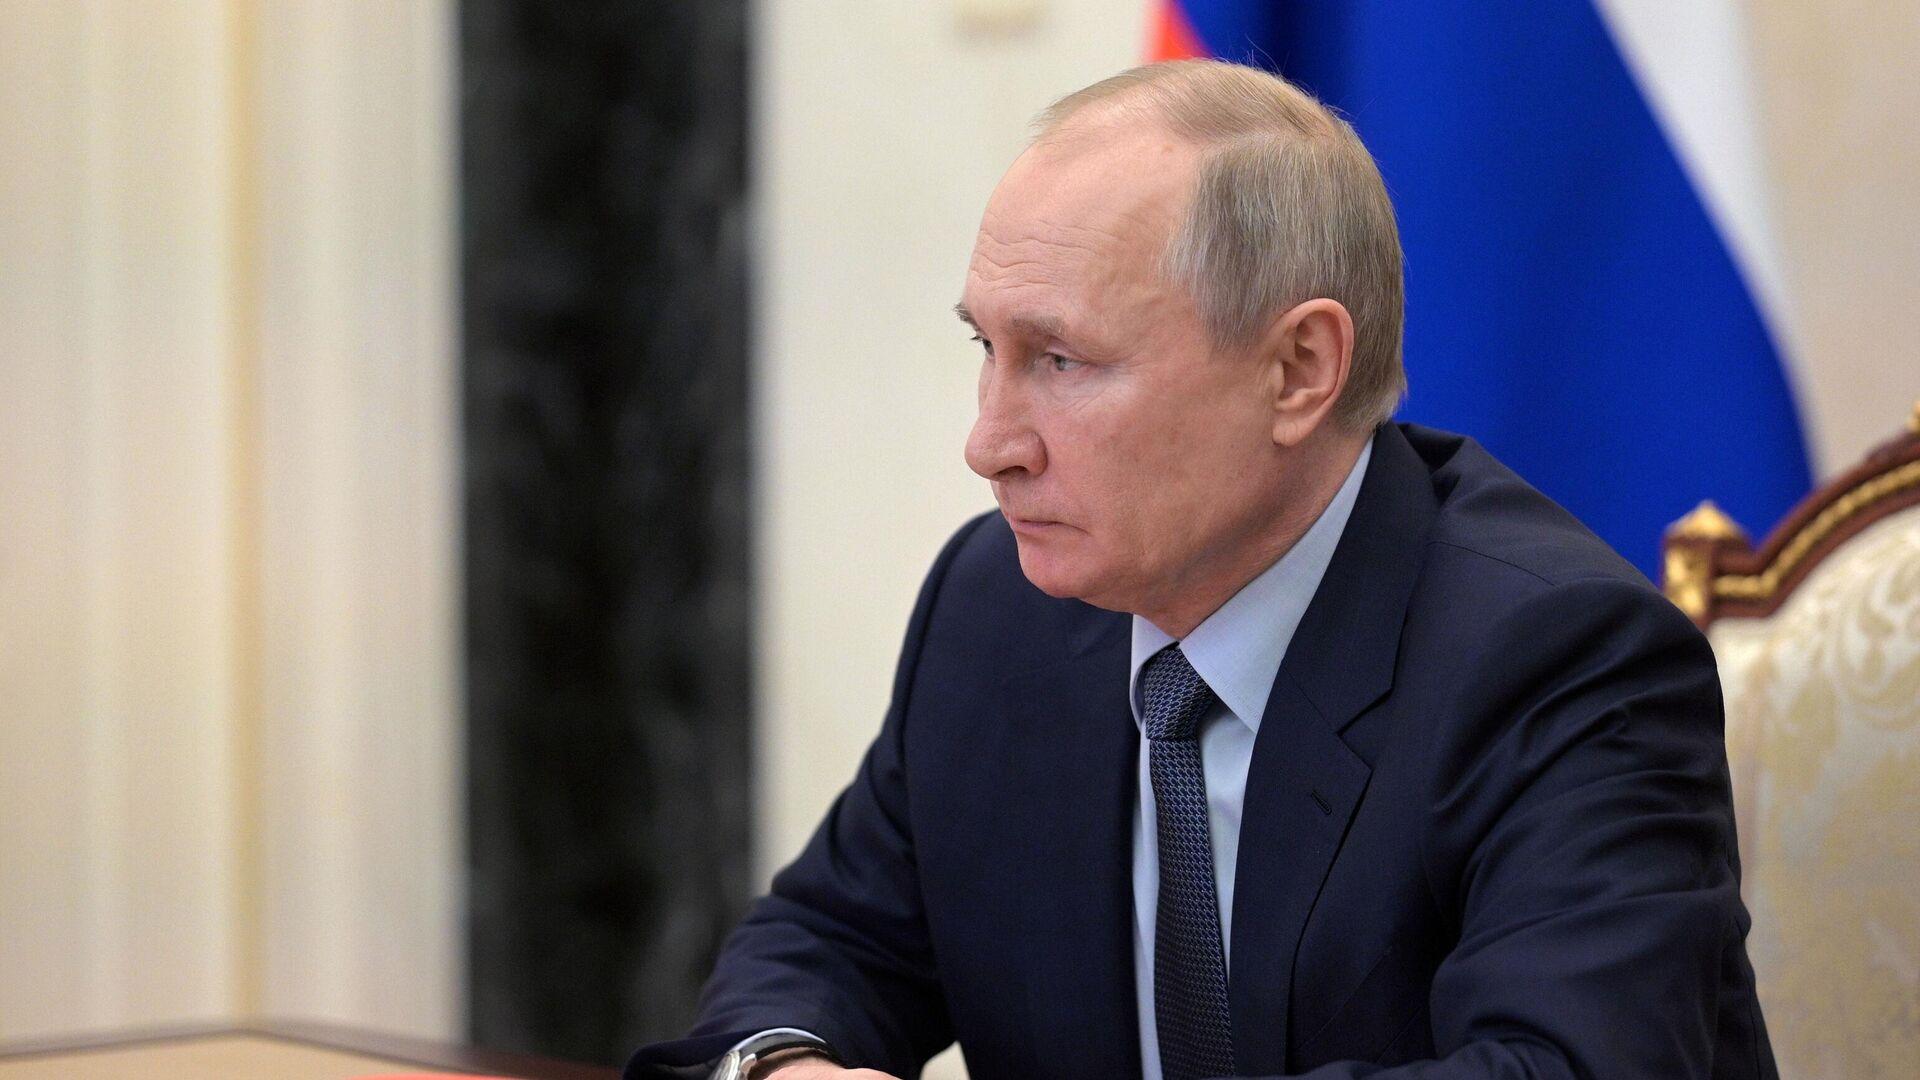 Президент РФ Владимир Путин проводит оперативное совещание с постоянными членами Совета безопасности РФ - РИА Новости, 1920, 30.04.2021